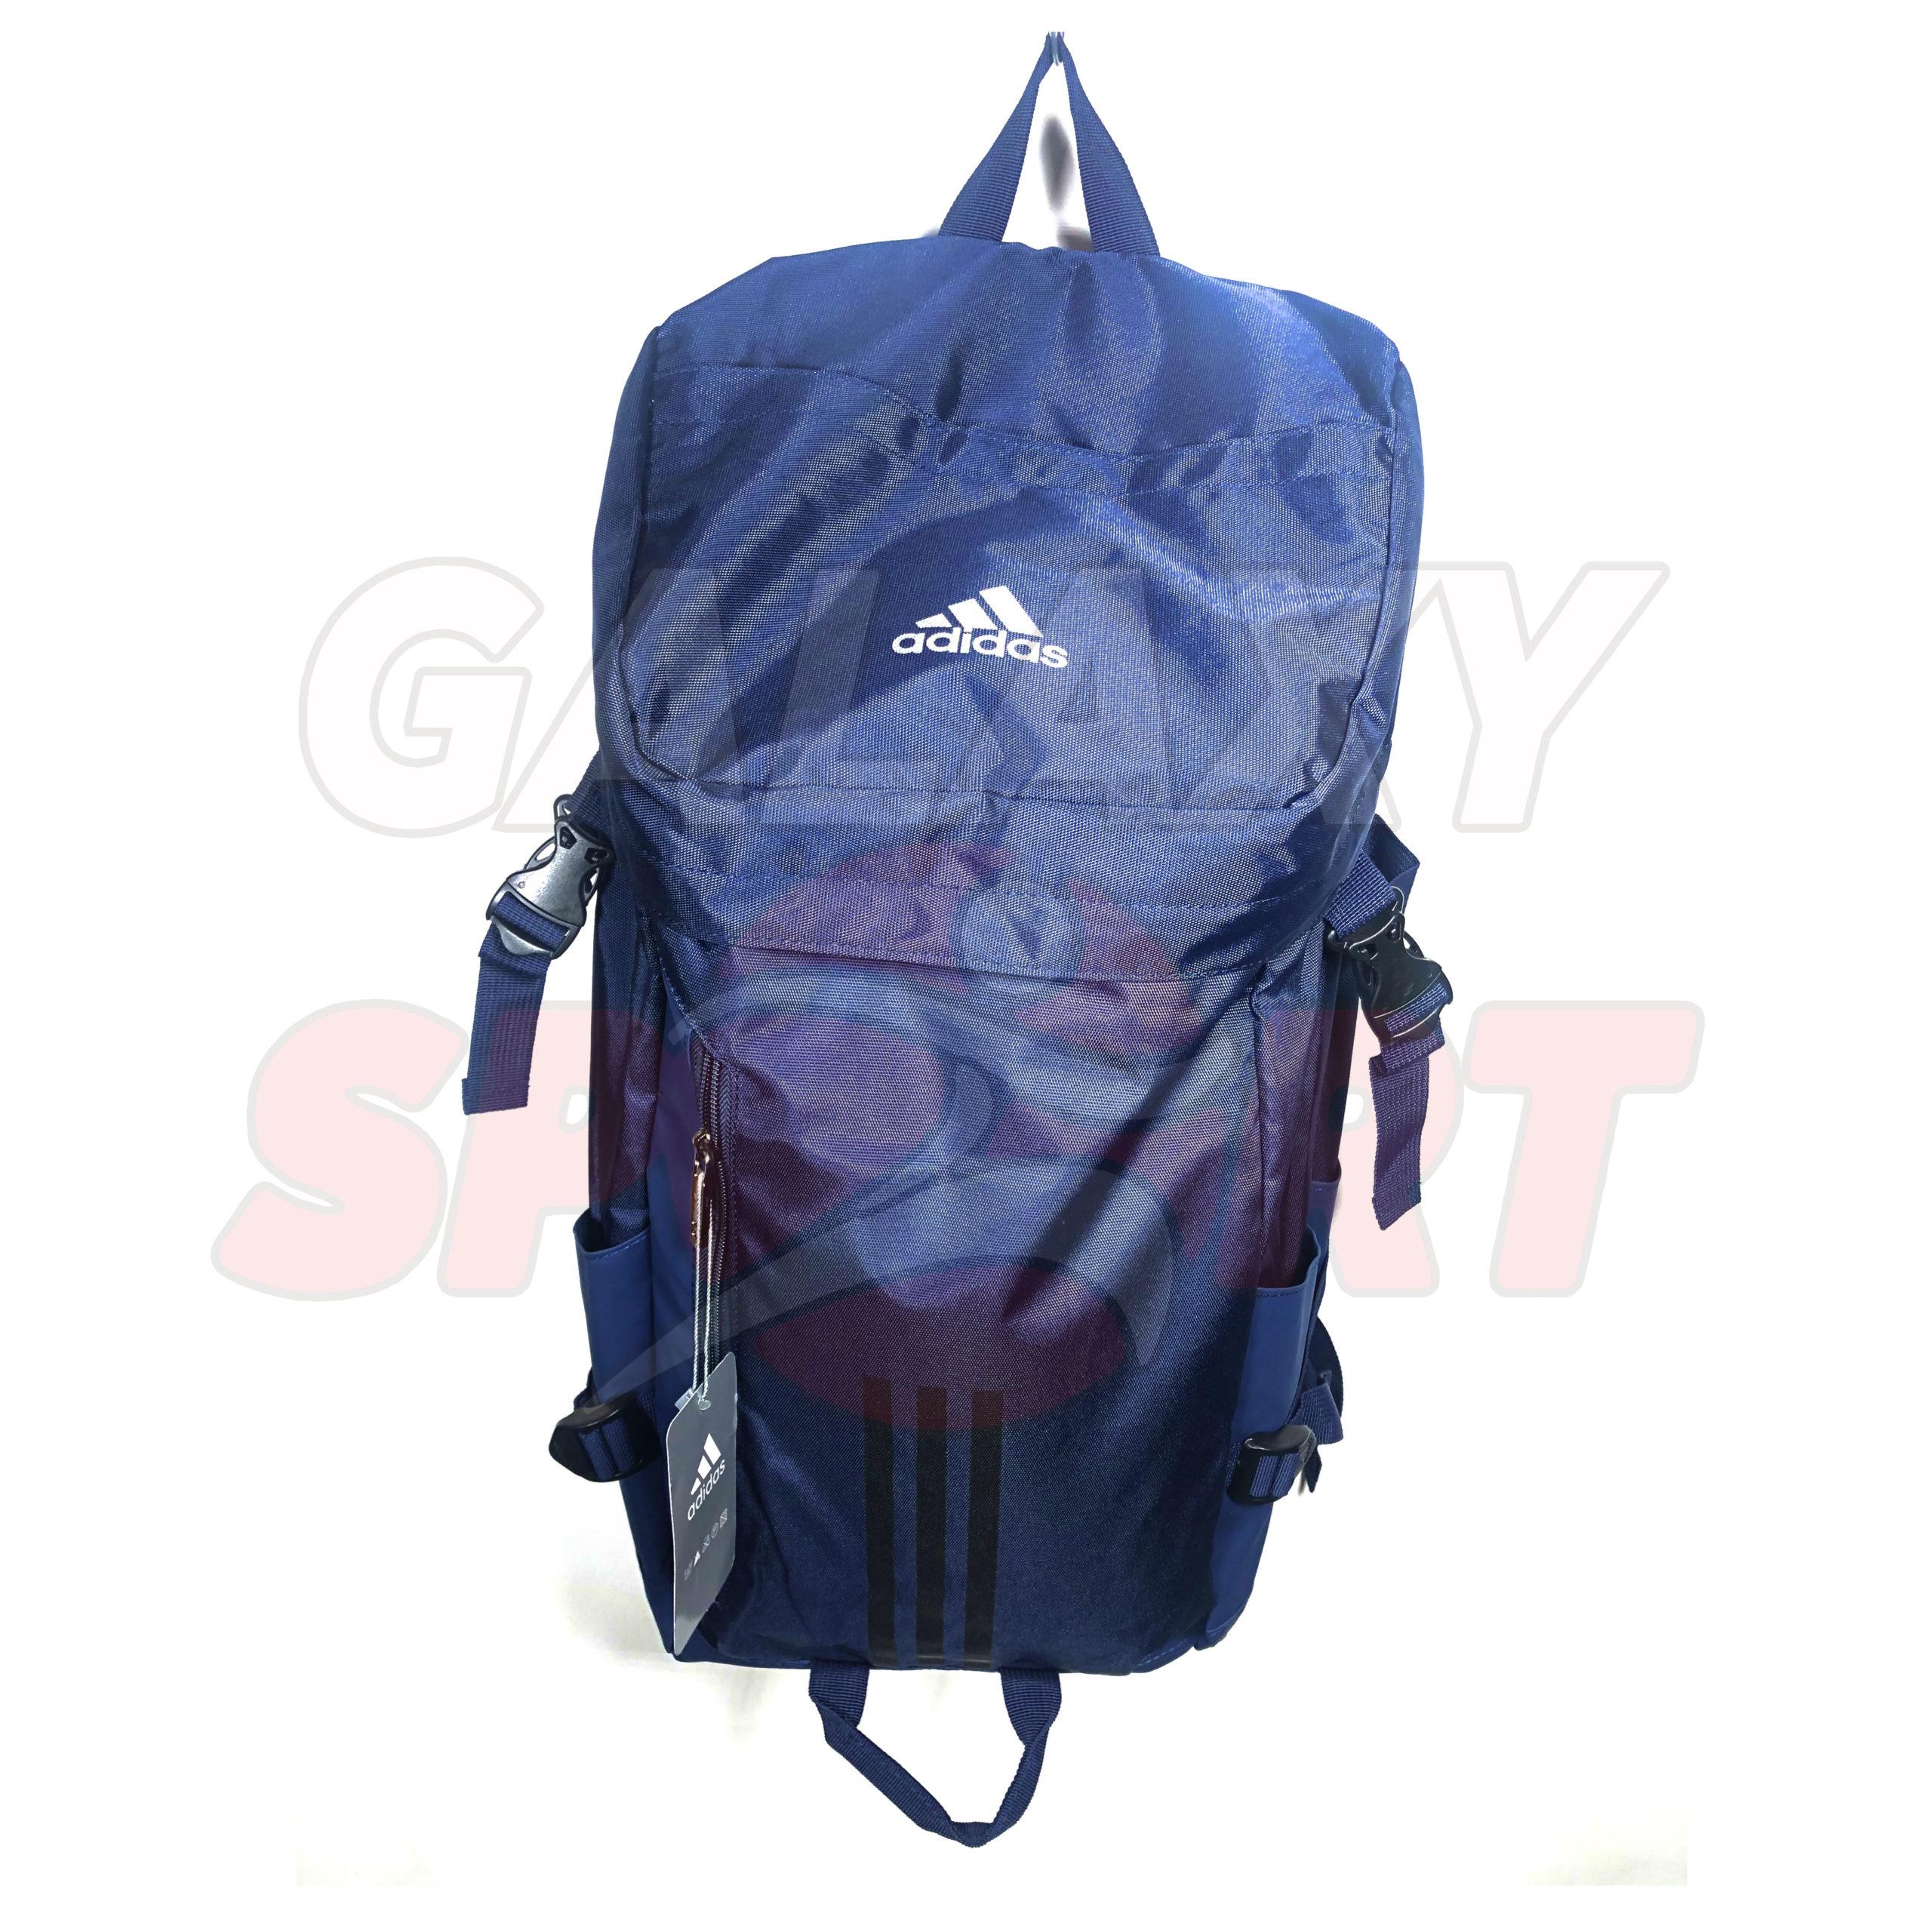 sac a dos776-01